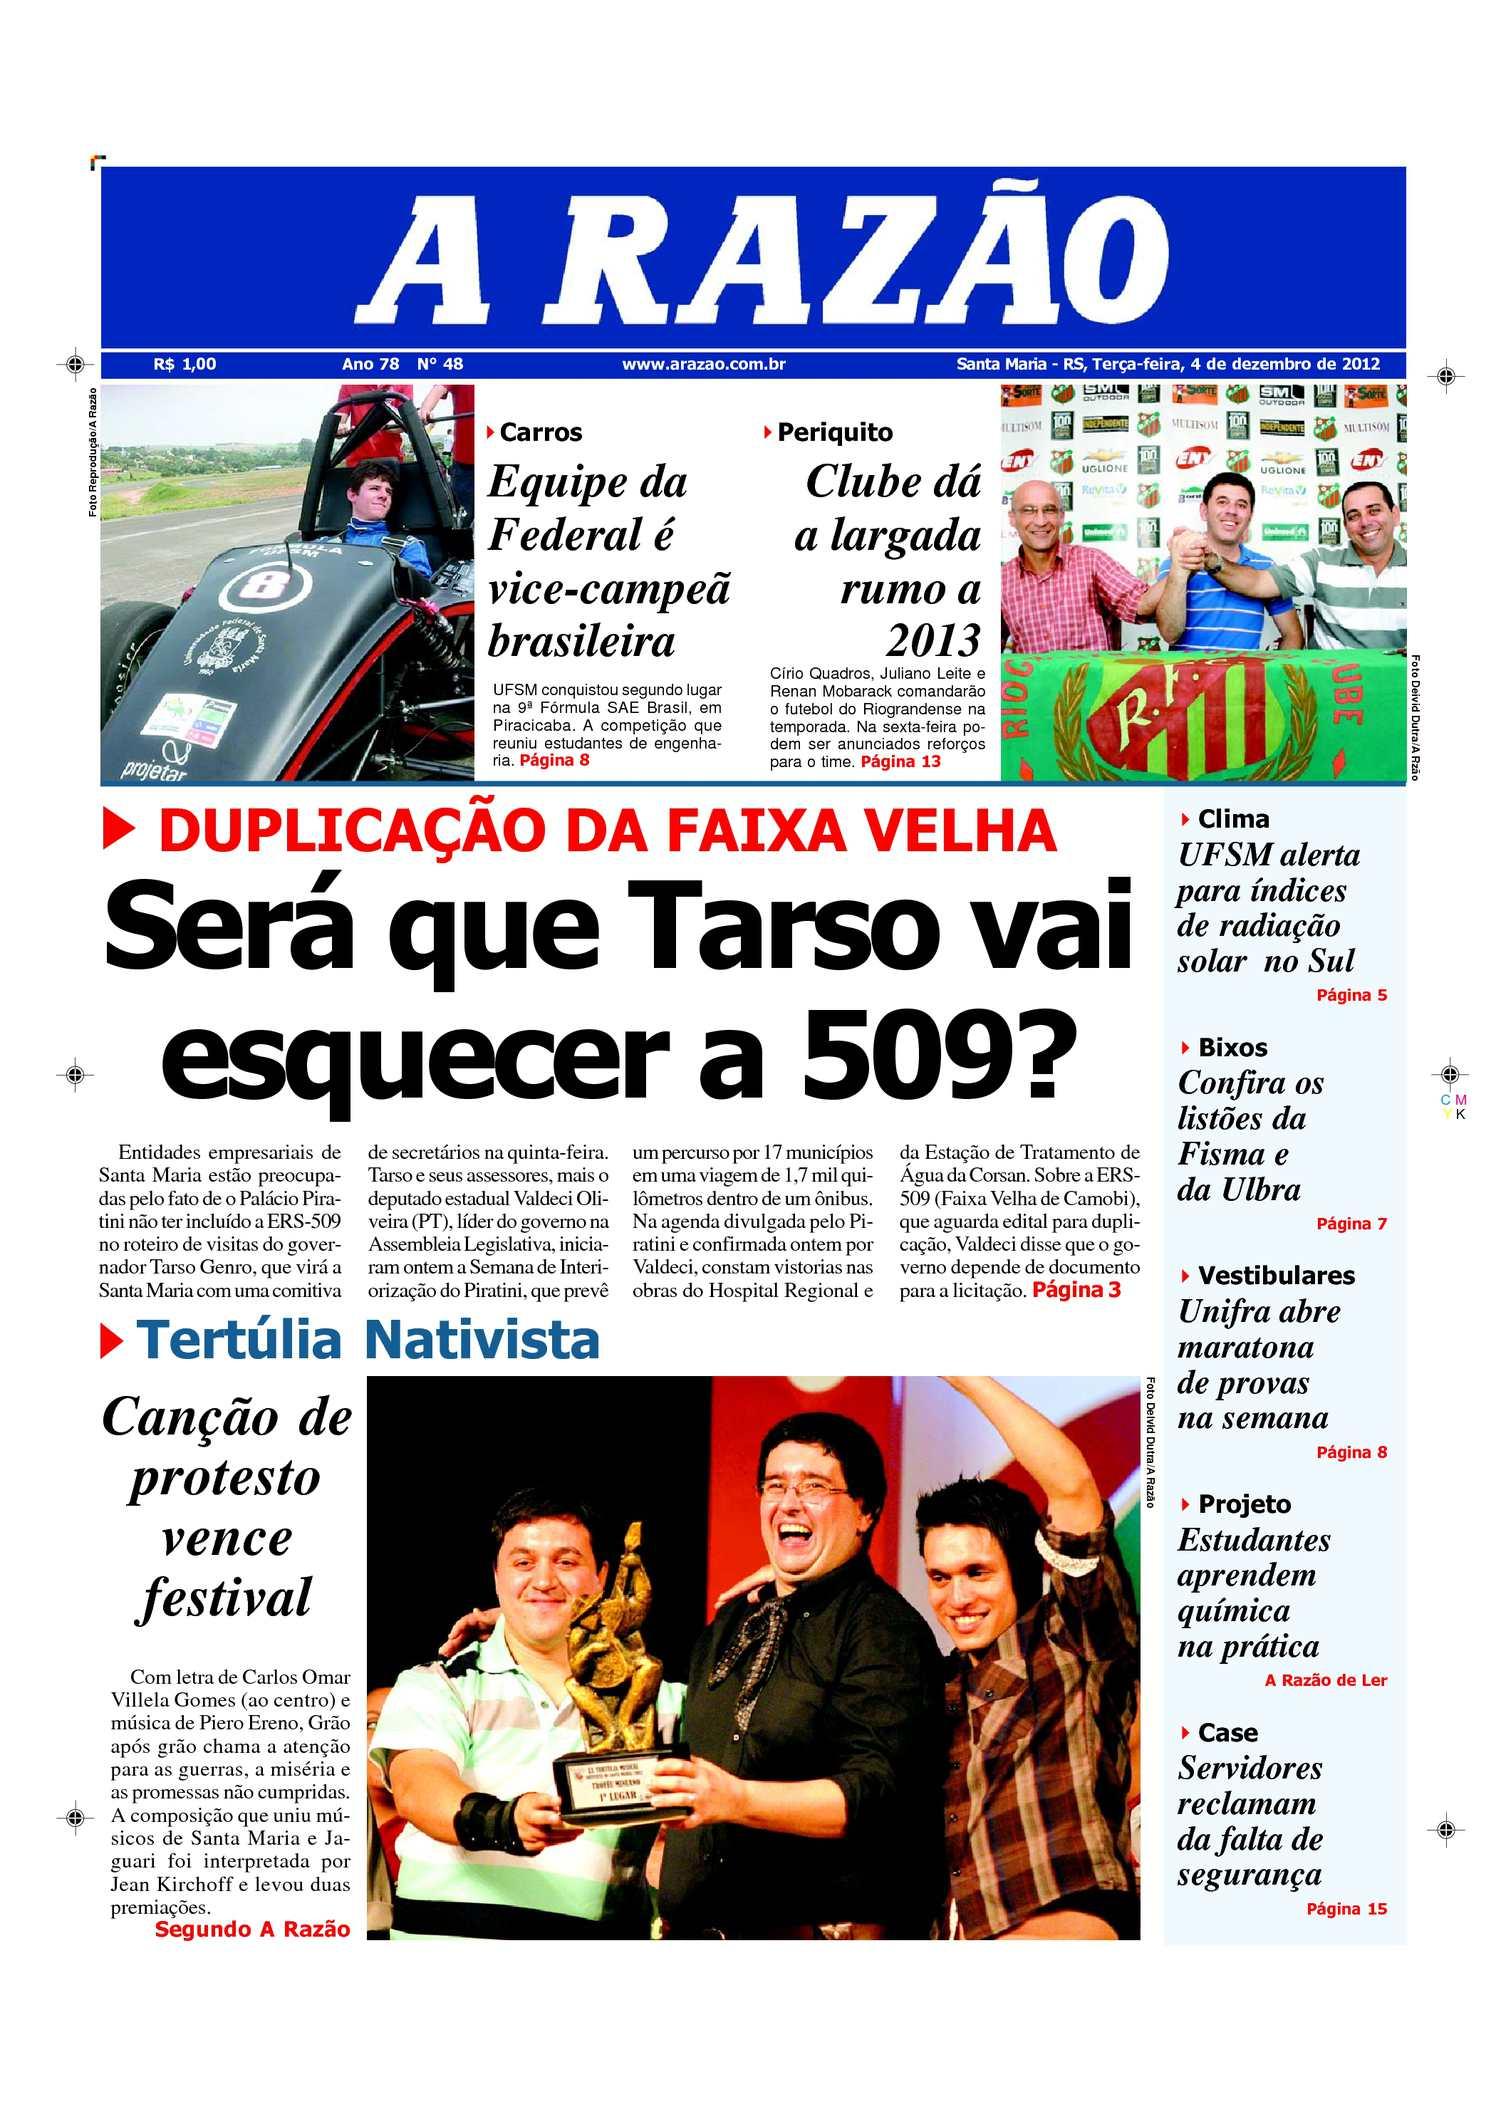 160e38c6f5 Calaméo - Jornal A Razão Santa Maria - 04122012